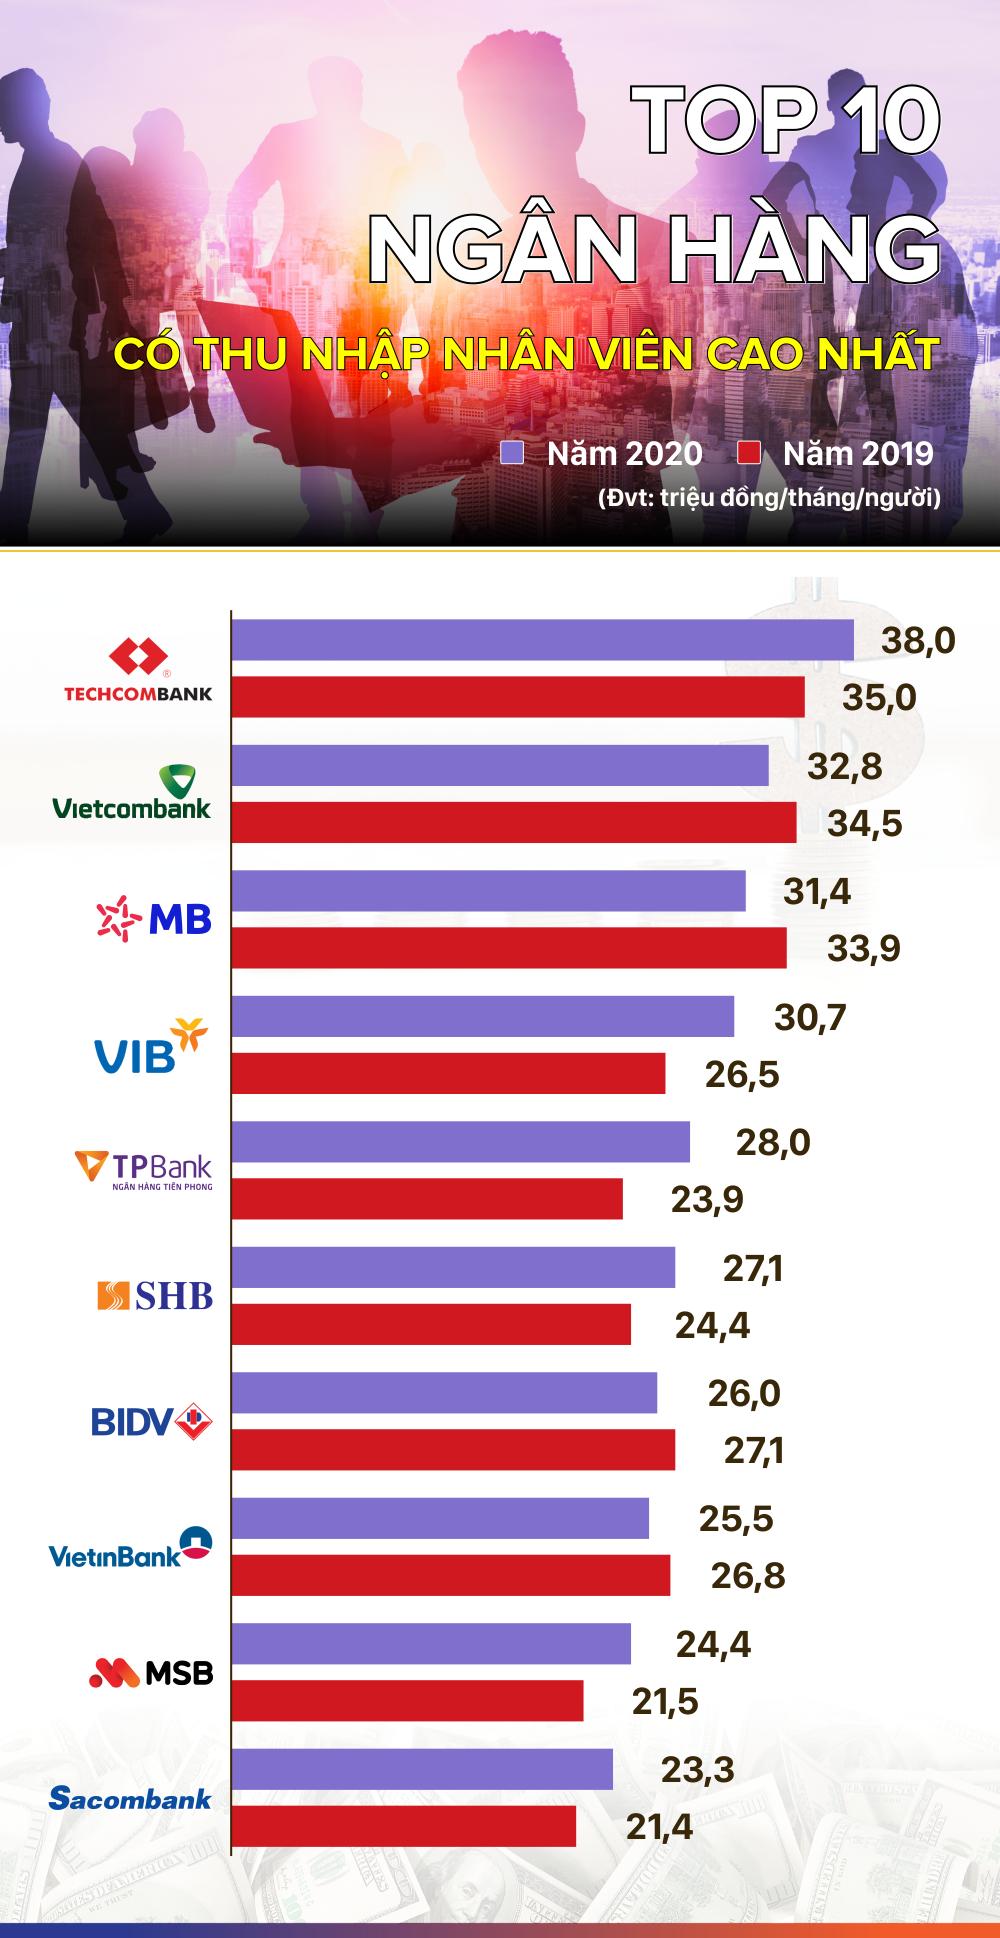 TOP 10 ngân hàng có thu nhập nhân viên cao nhất năm 2020 - Ảnh 1.